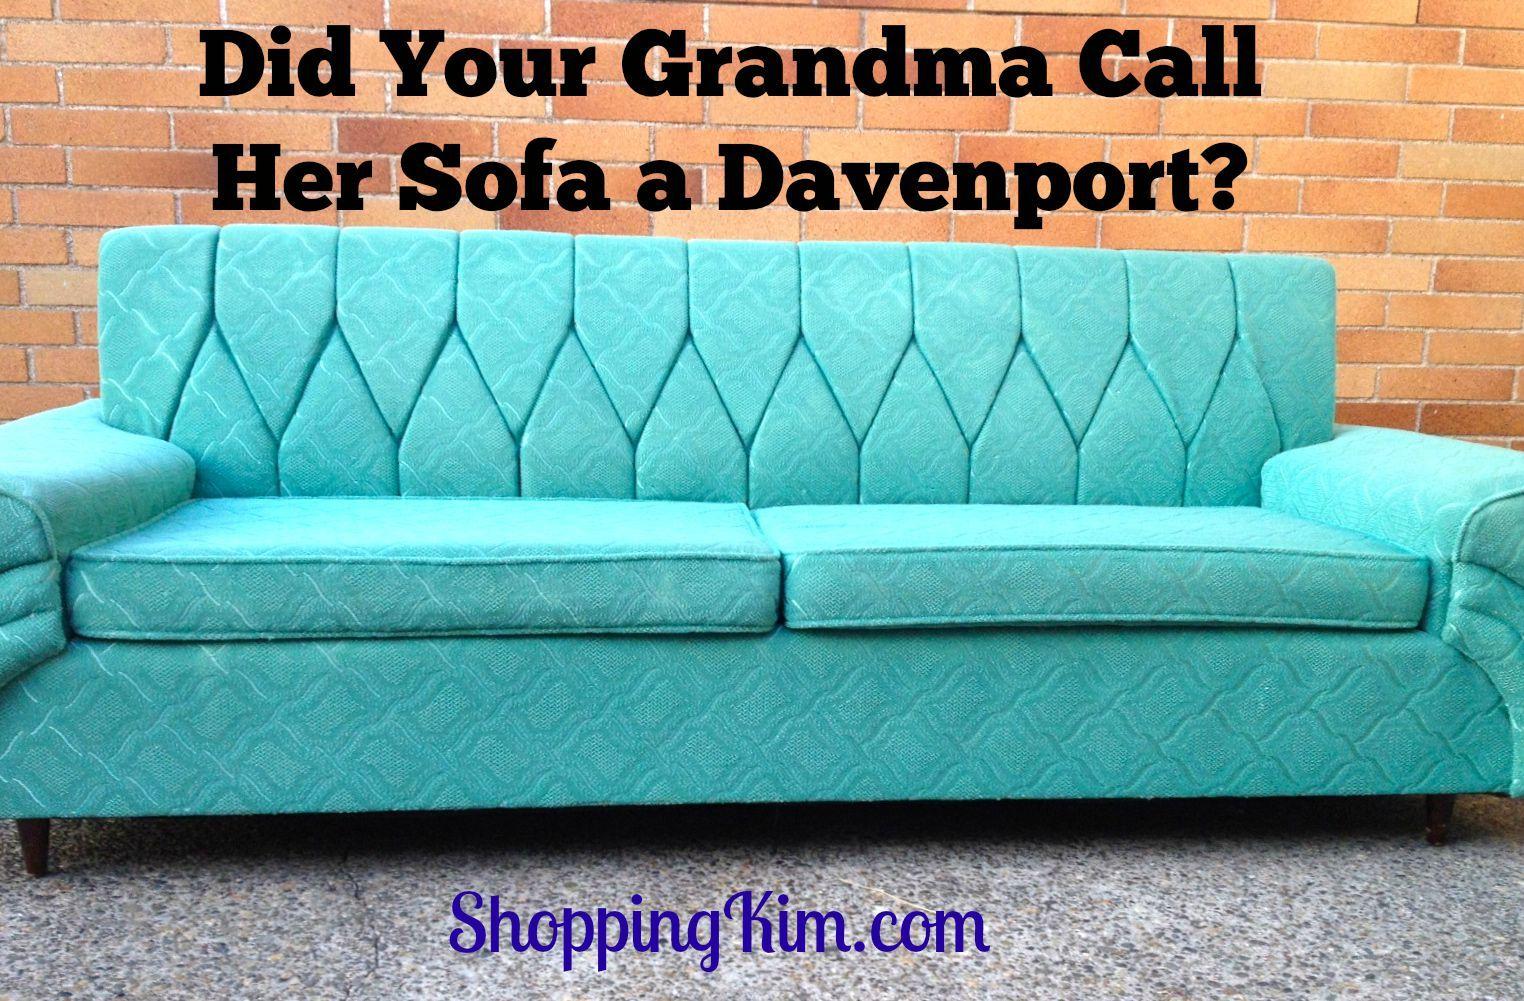 Did Your Grandma Own A Davenport Davenport Davenport Sofa Vintage Sofa